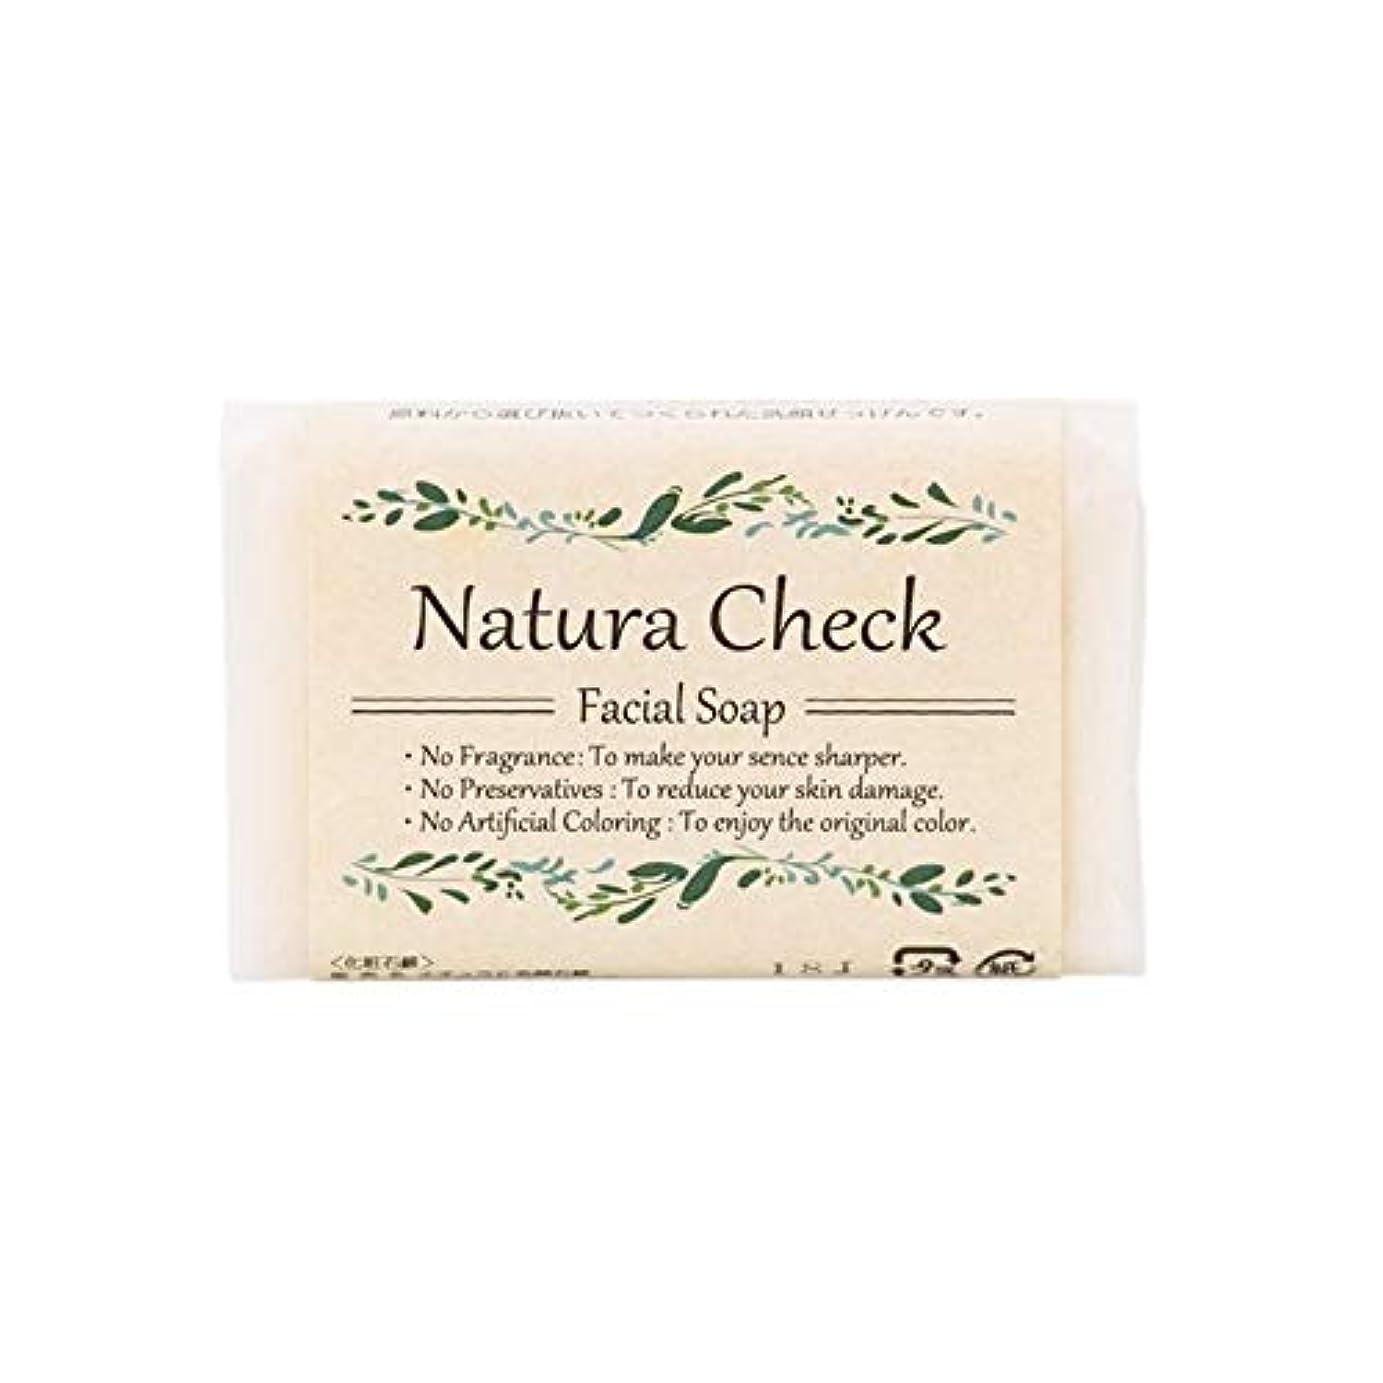 コーヒーアリステージNatura Check 無添加洗顔せっけん80g 毛穴の黒ずみ、毛穴の開き、敏感肌、乾燥肌対策に 新生児やアトピー肌にも安心